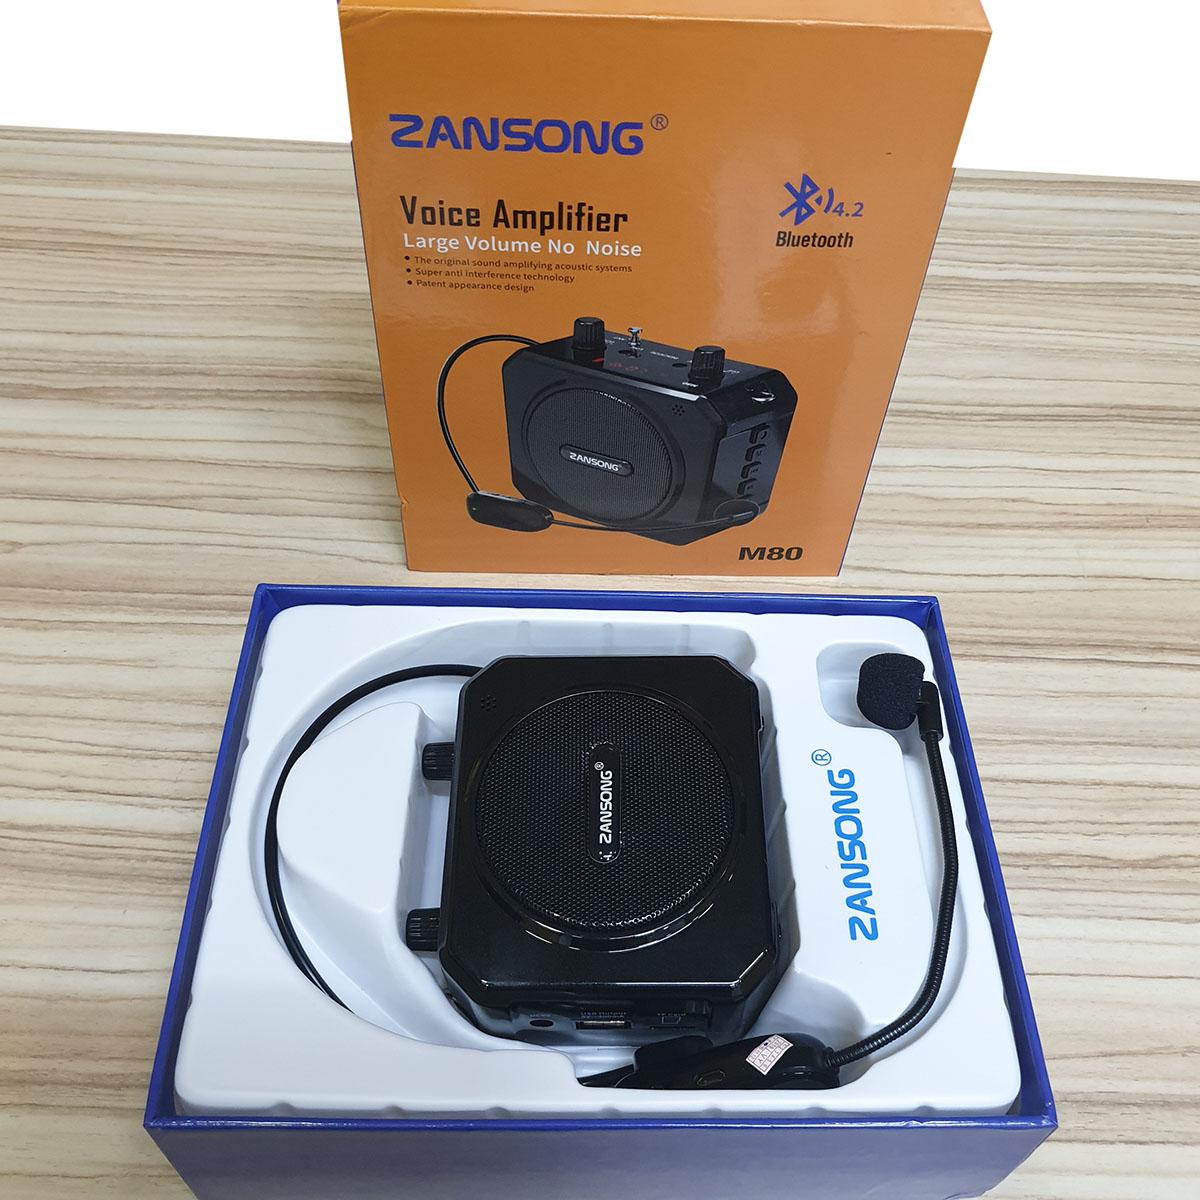 Máy trợ giảng Zansong M80  - Hàng Chính Hãng